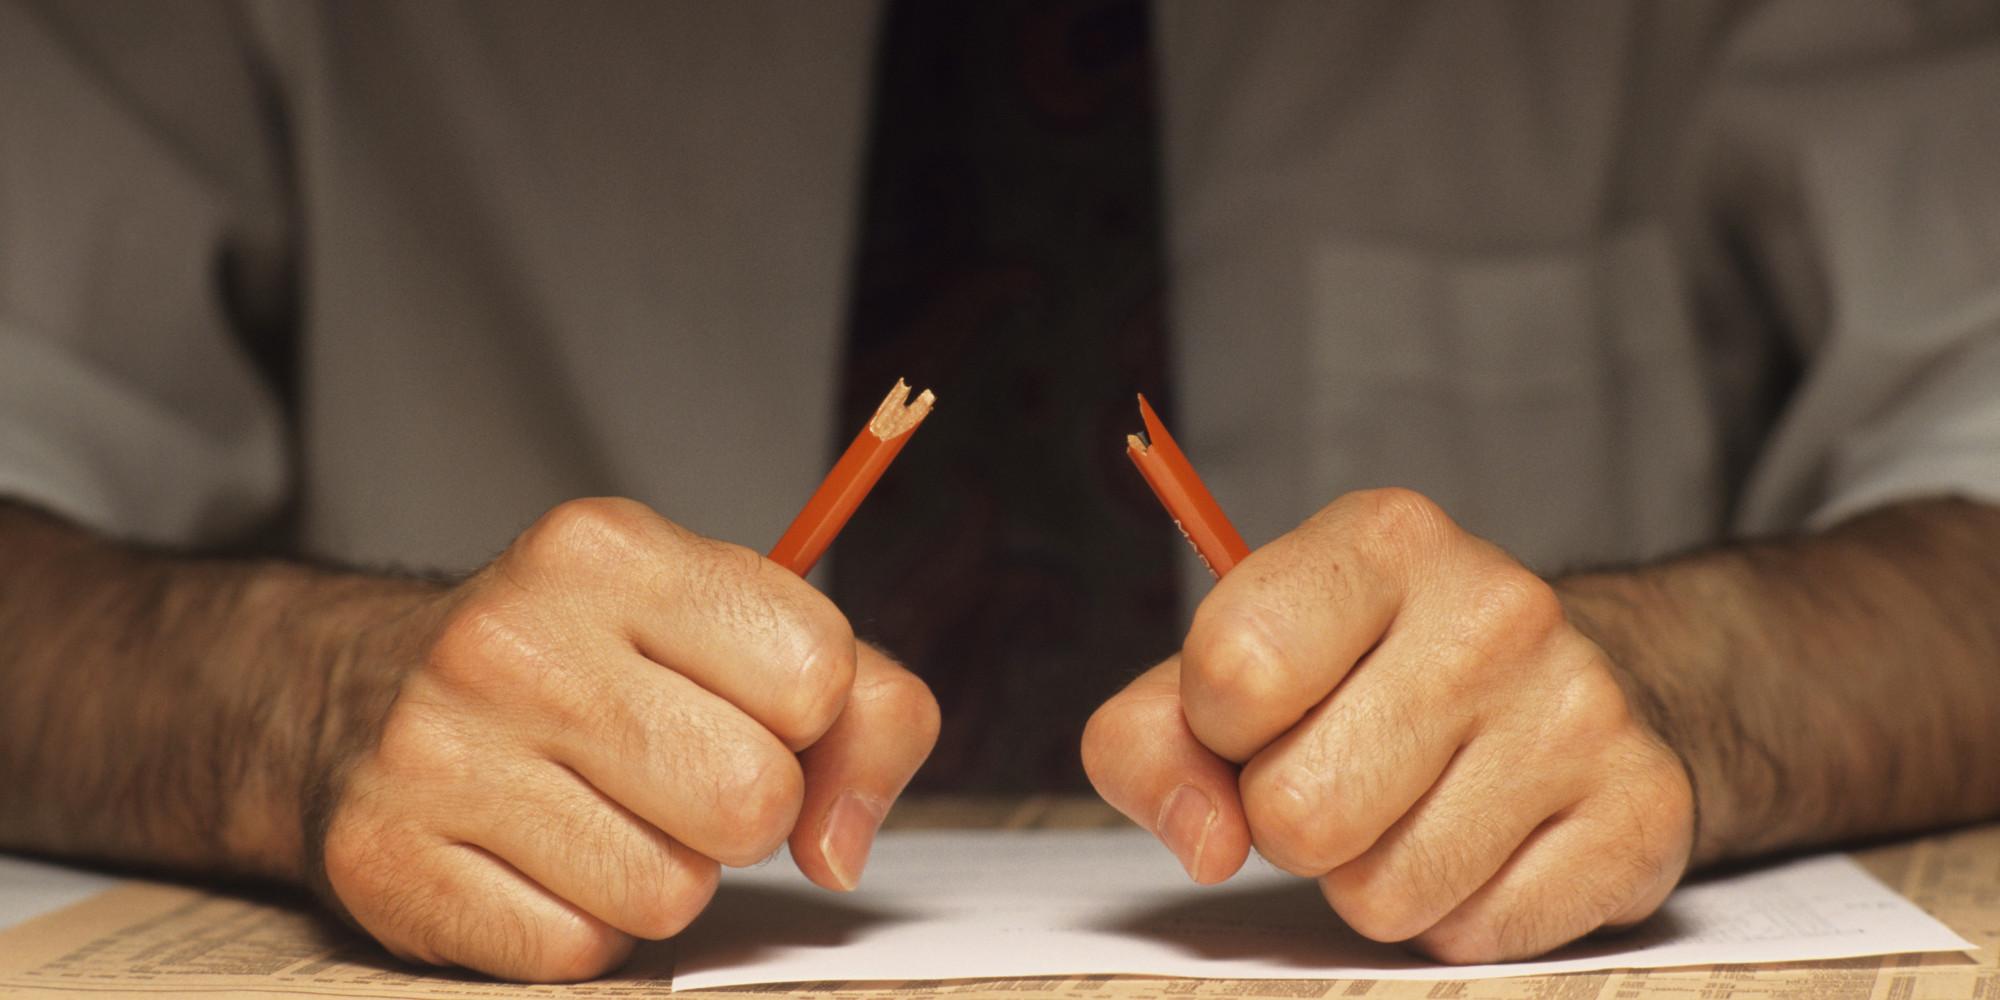 Να παρατήσω τη δουλειά μου; Συμβουλές για να στήσεις τη δική σου βιώσιμη επιχείρηση.